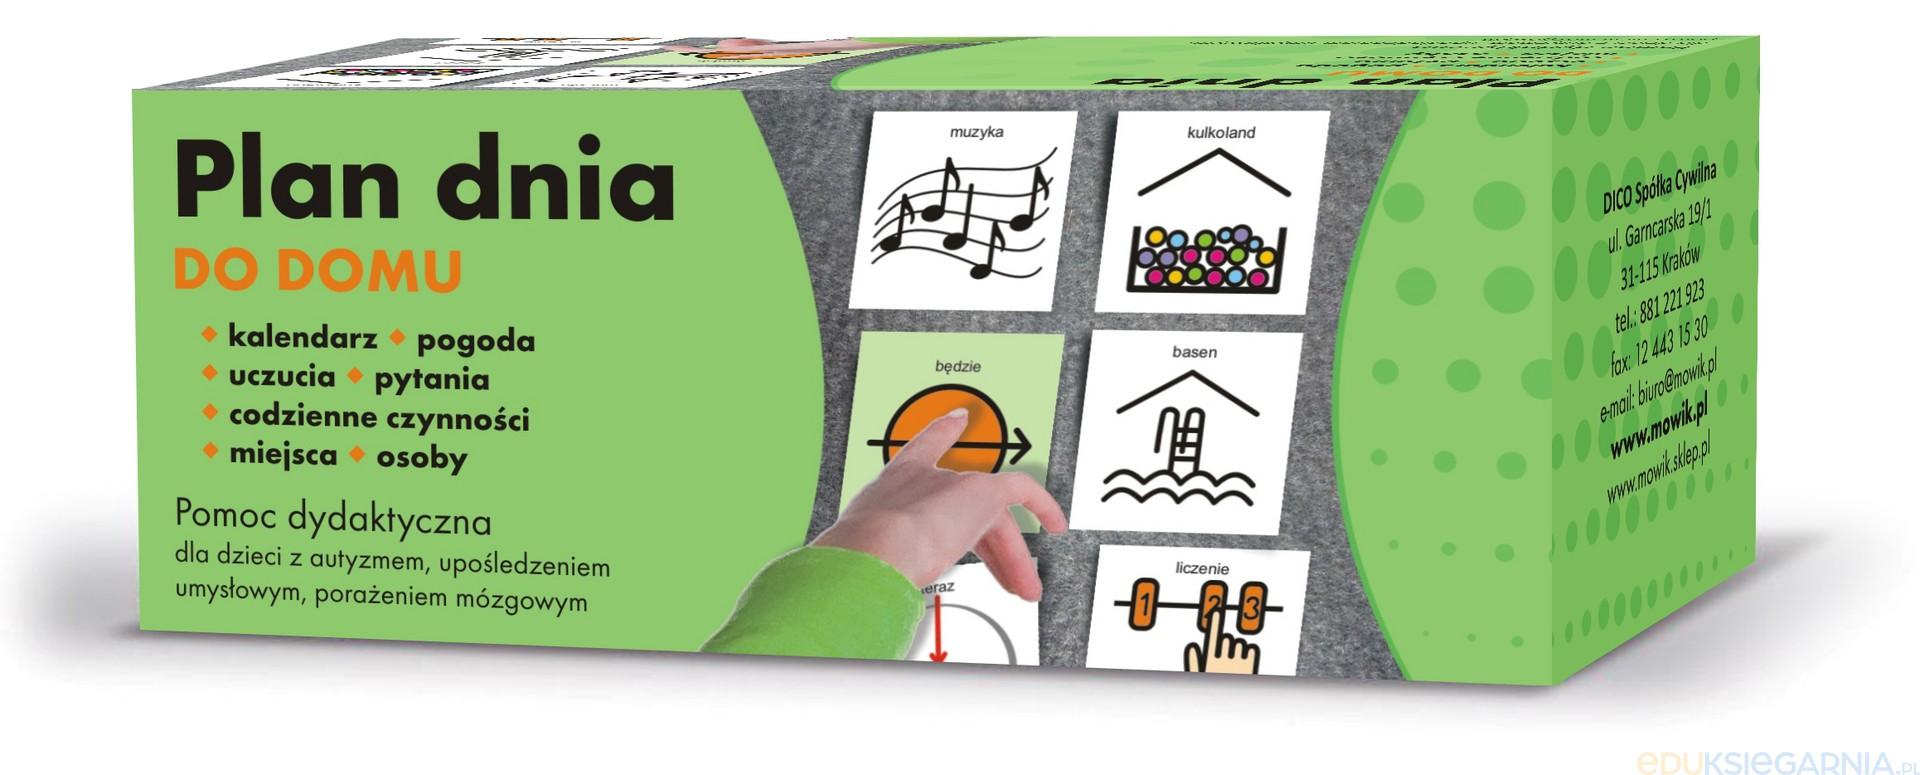 Ogromny Plan dnia DOM - pomoc dydaktyczna dla uczniów szkół specjalnych WF01